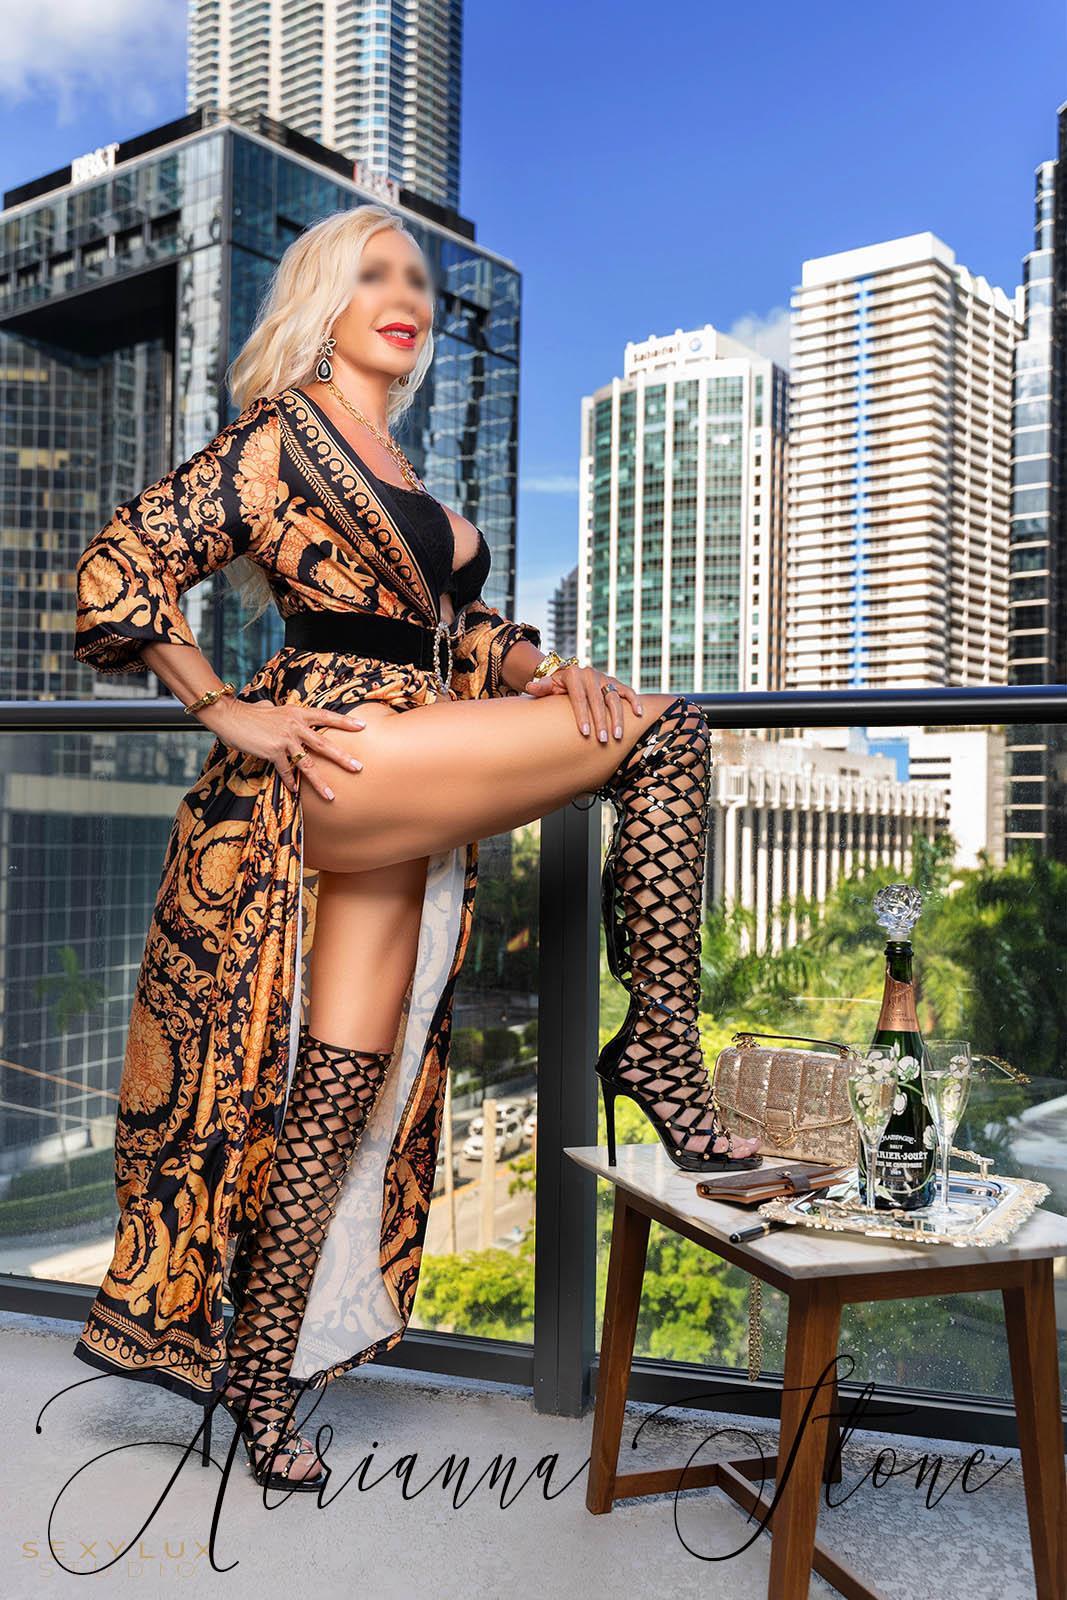 Blonde Mature Miami Escort